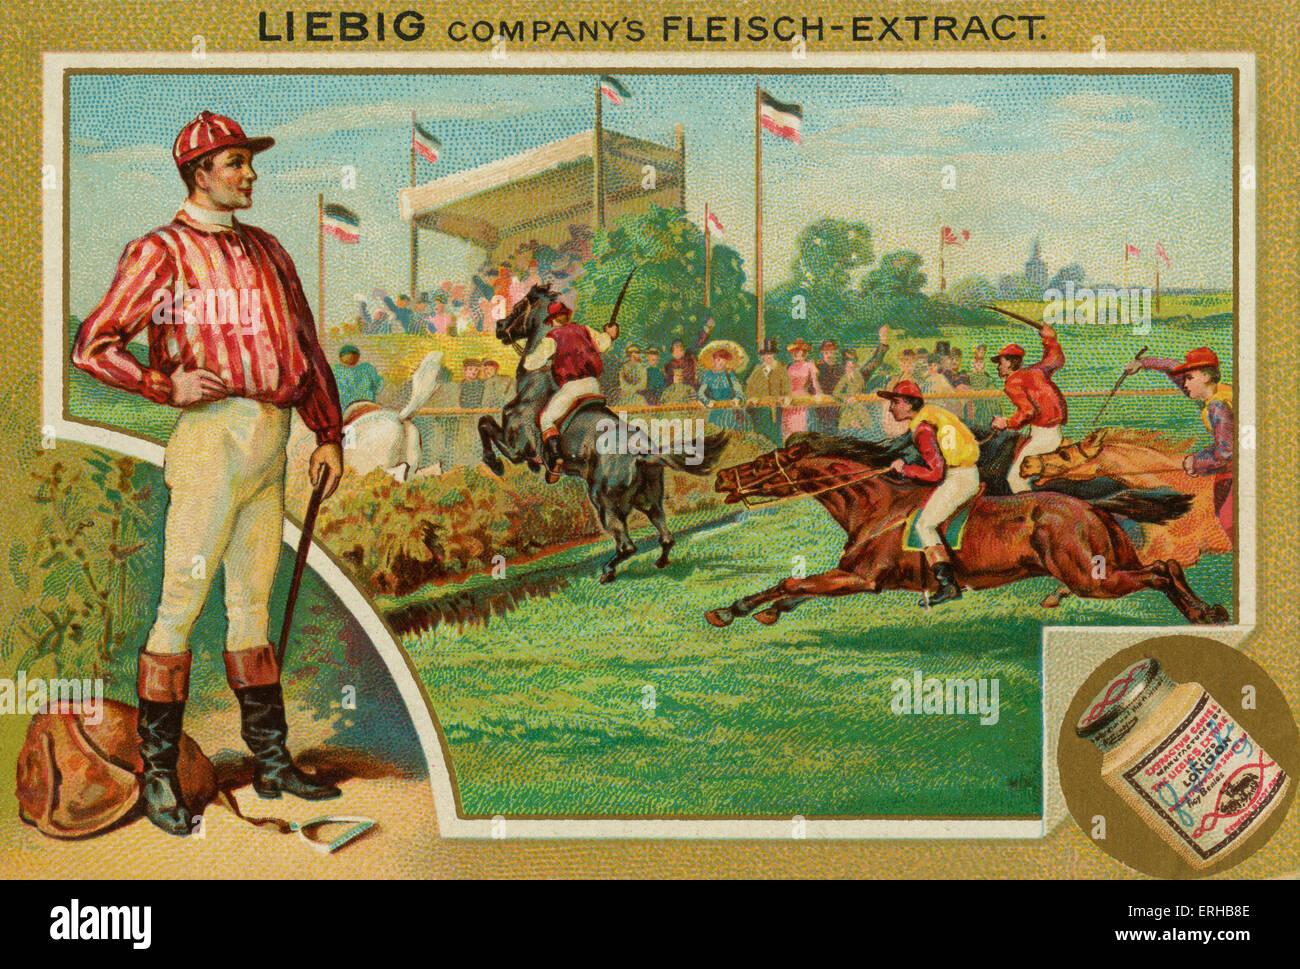 Las carreras de caballos. Tarjetas Liebig, Deportes, 1896. Imagen De Stock